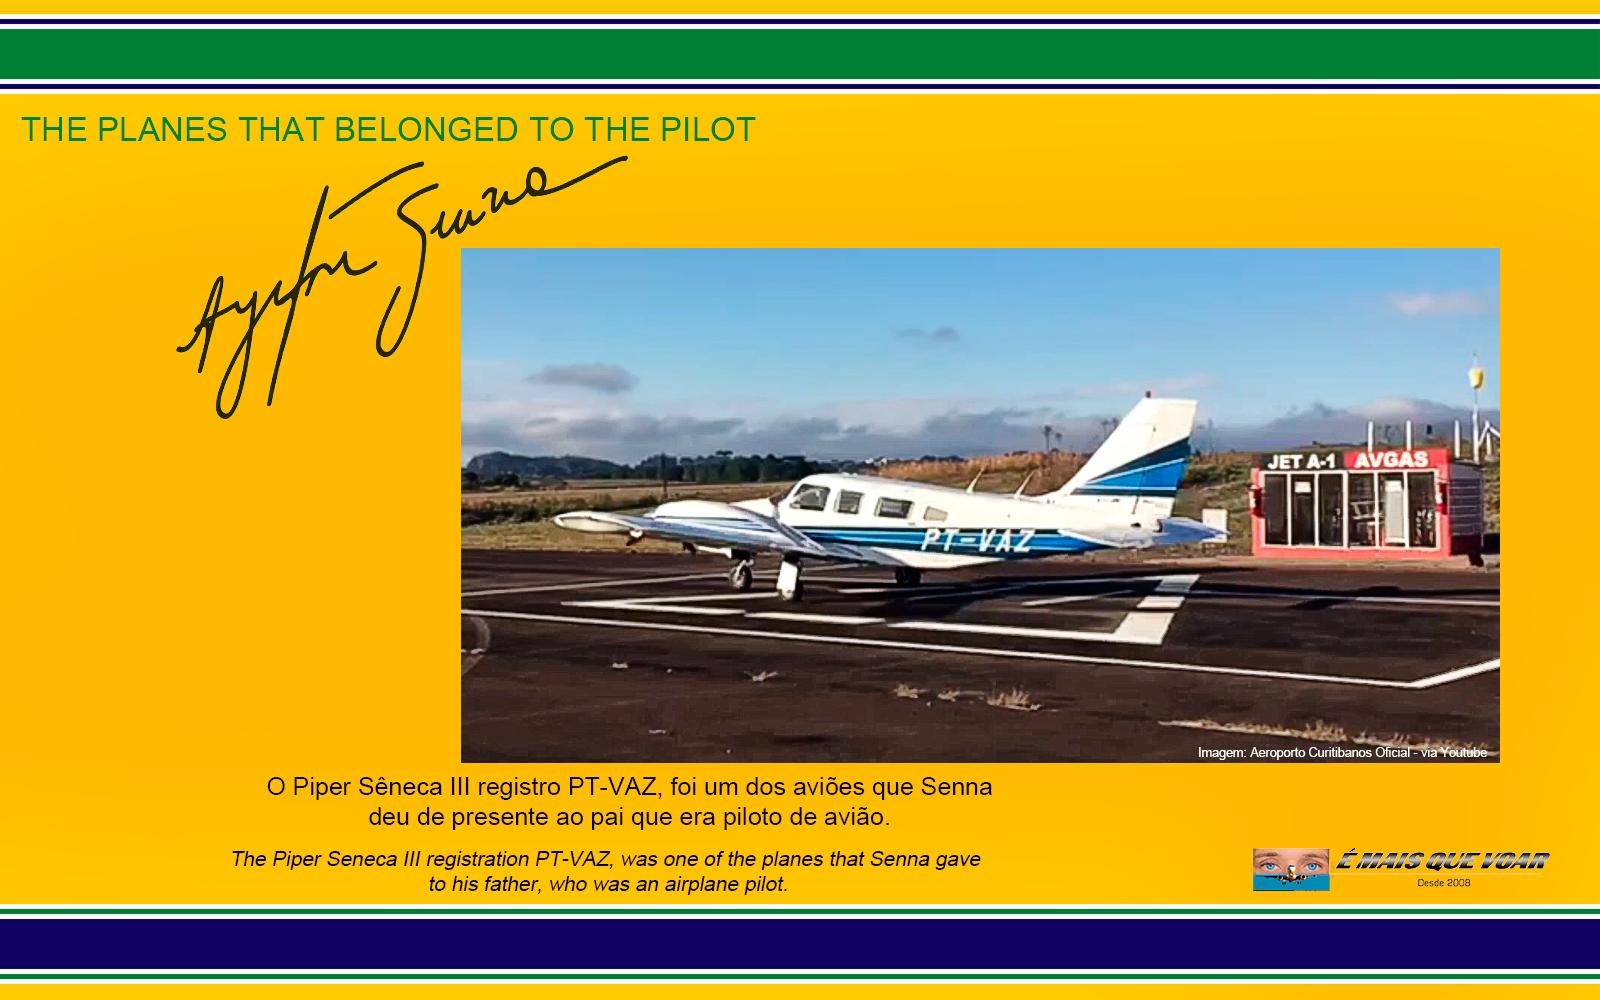 PT-VAZ - Senena III - Os helicópteros e os aviões que foram do piloto Ayrton Senna? | É MAIS QUE VOAR